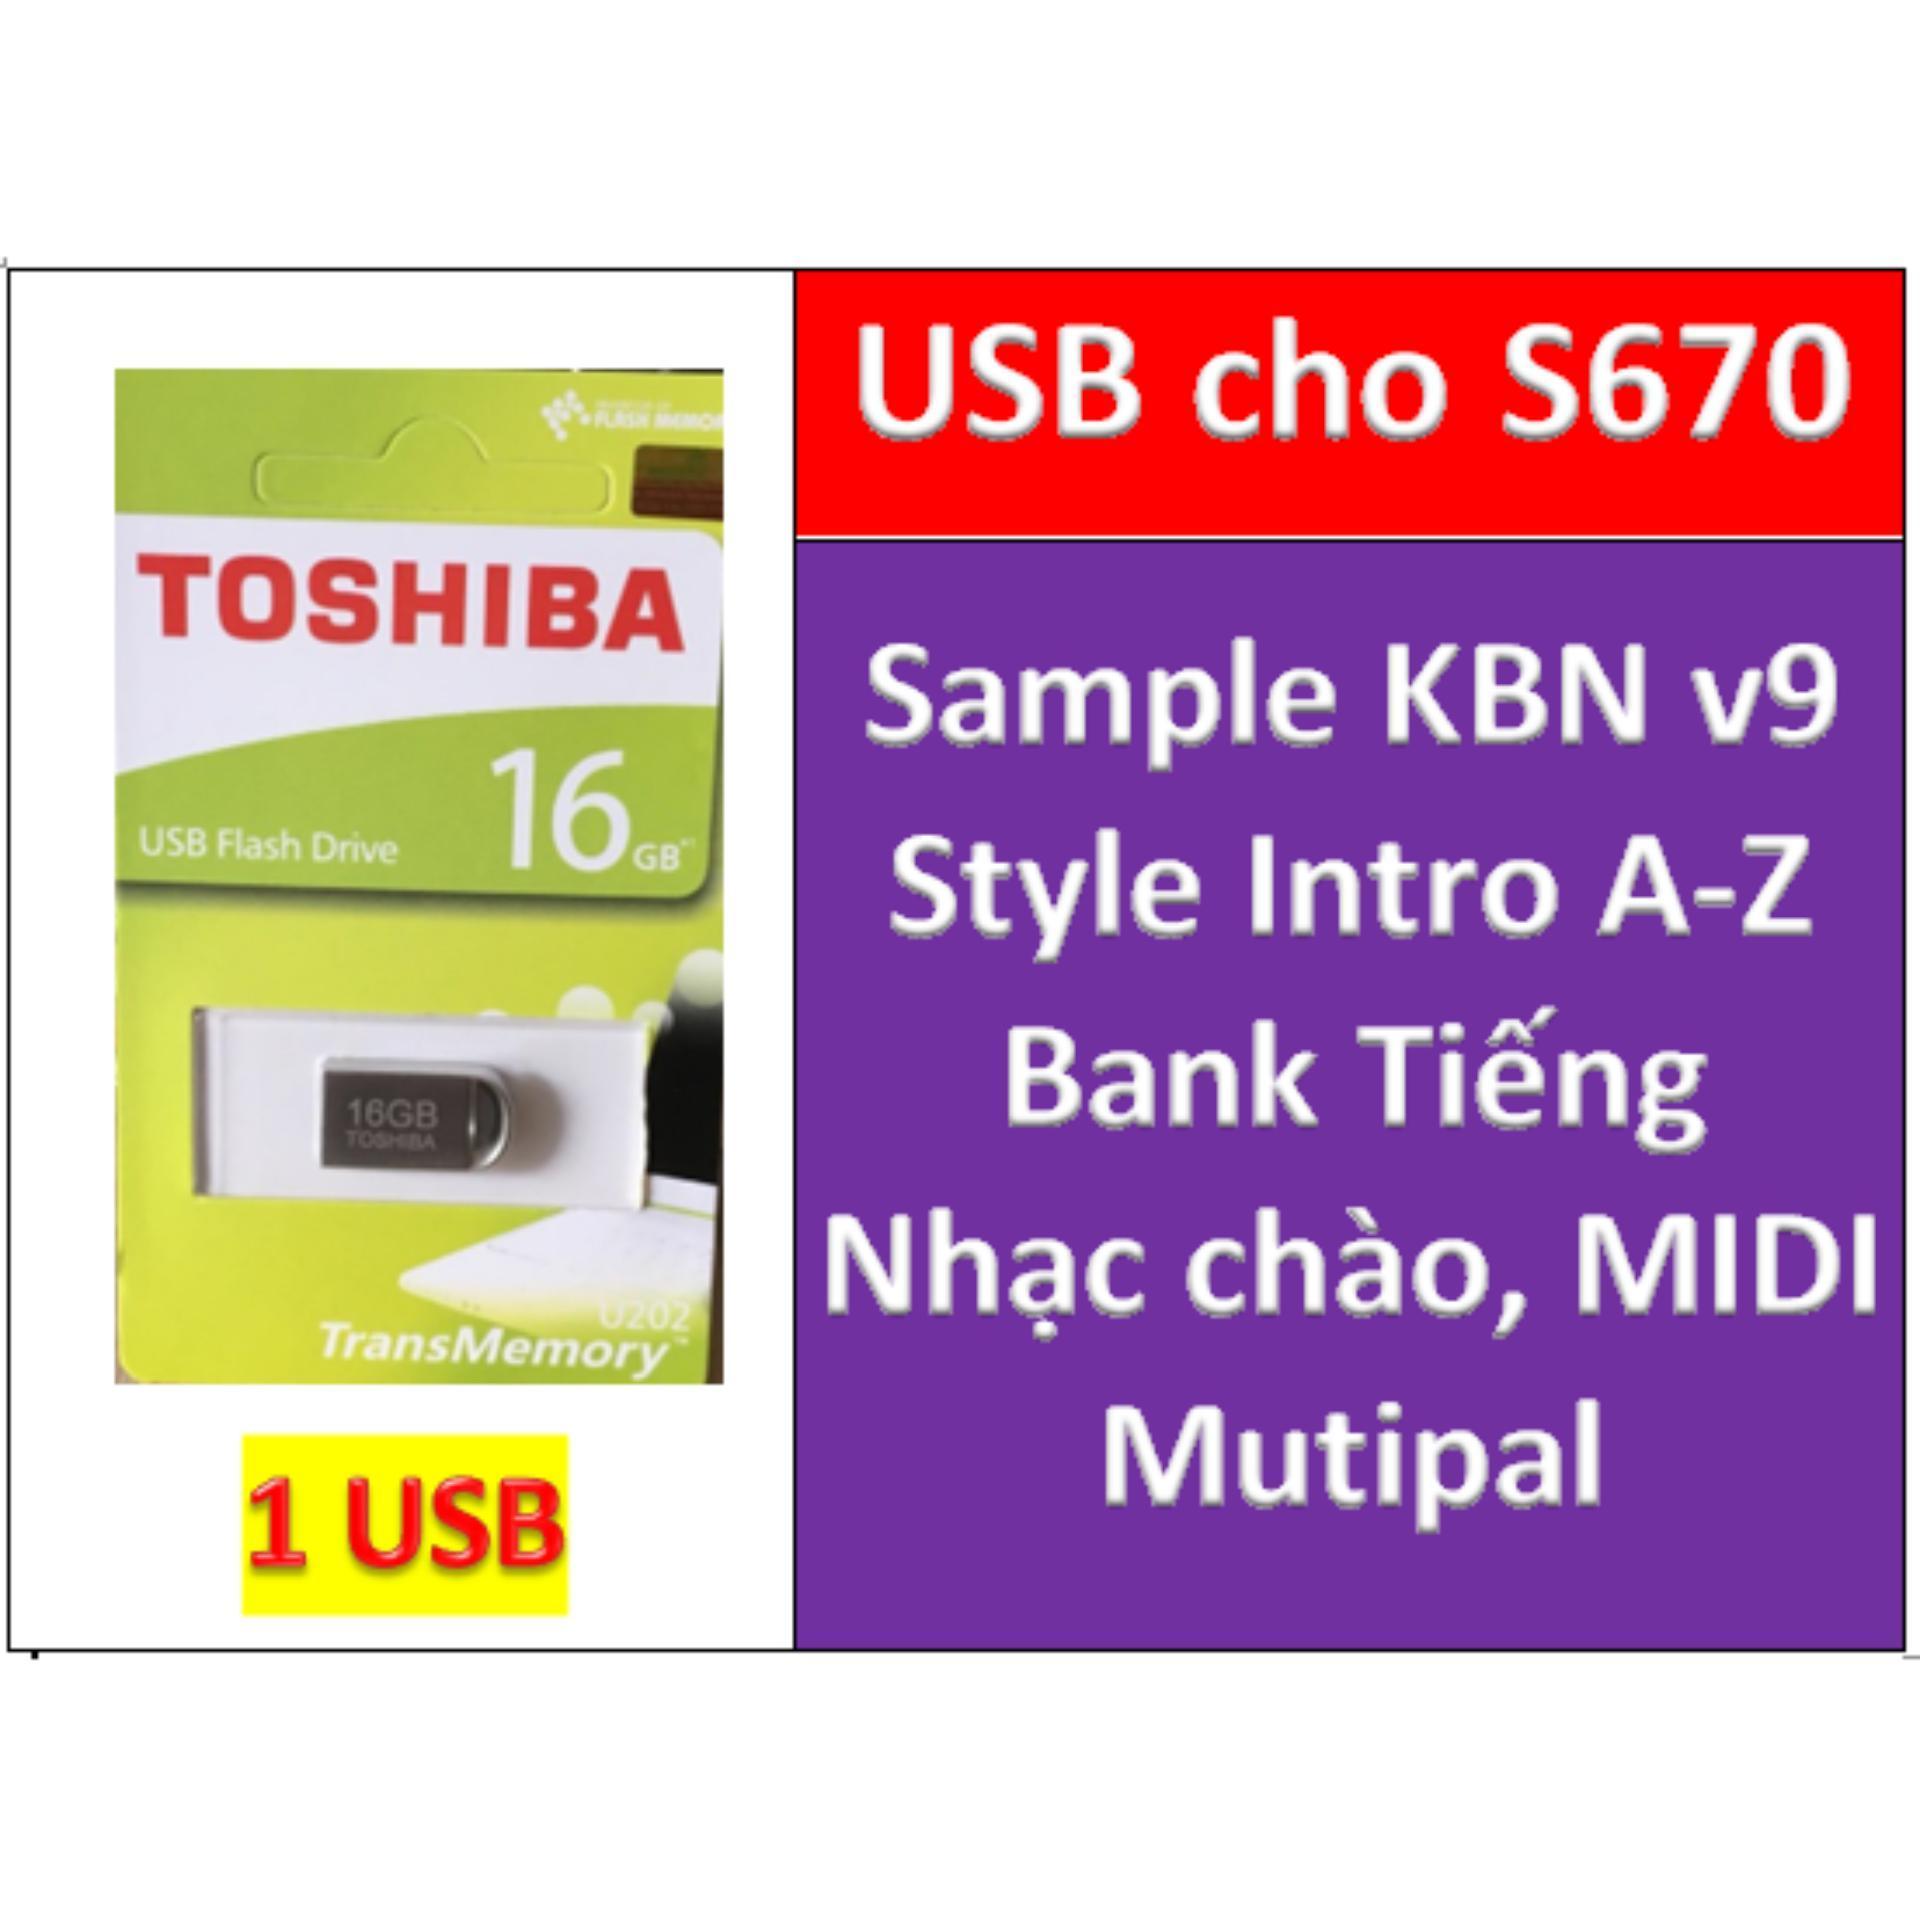 USB mini Sample KBN v9 cho đàn organ yamaha PSR-S670, Style, nhạc chào, midi + Full dữ liệu làm show